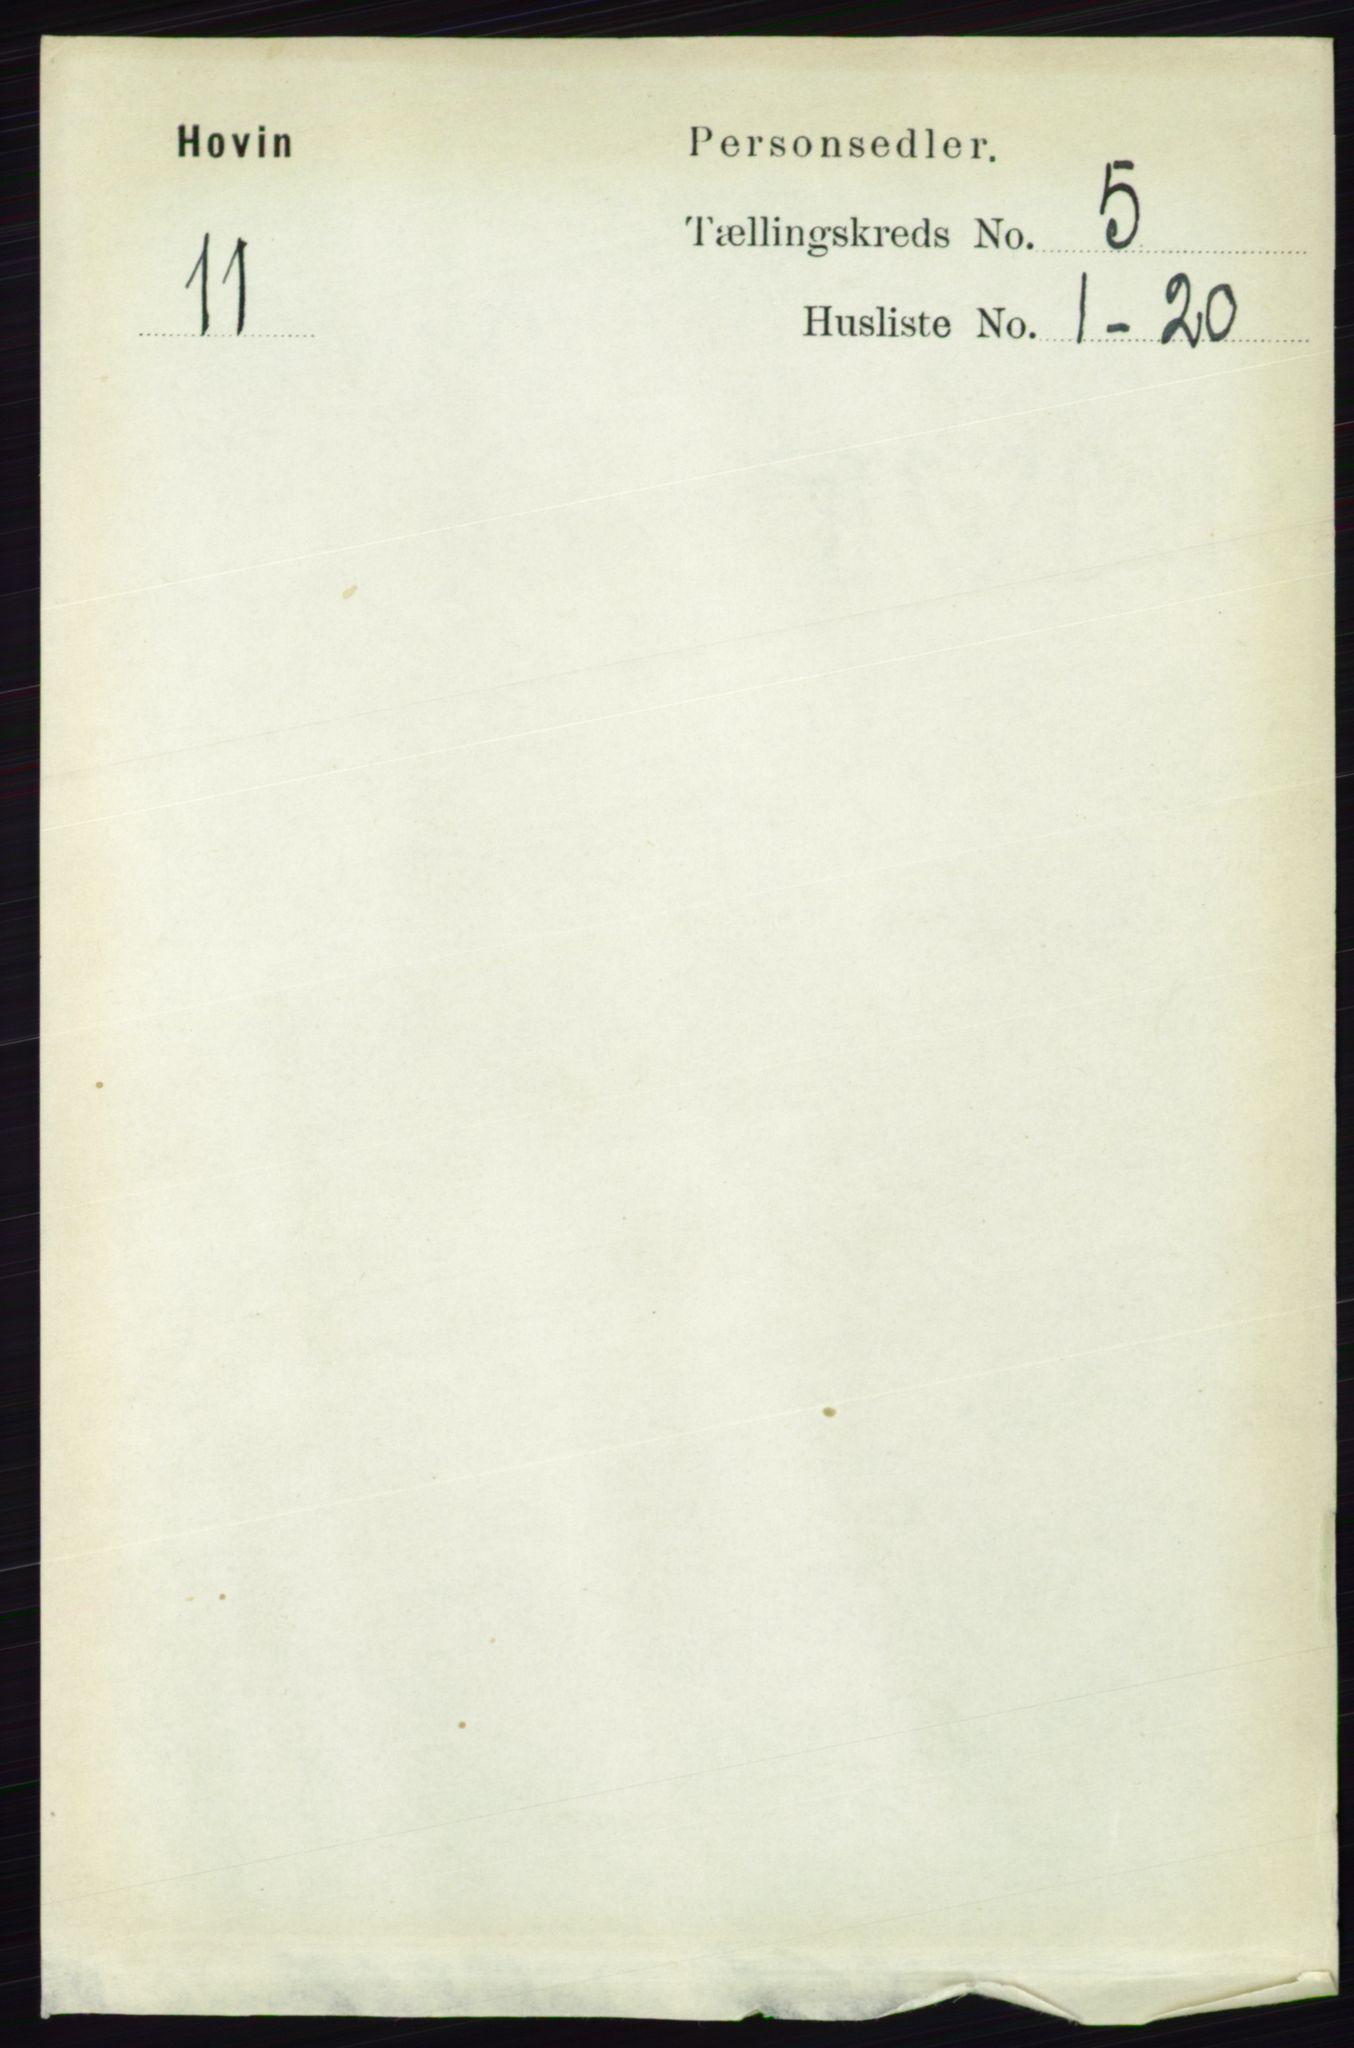 RA, Folketelling 1891 for 0825 Hovin herred, 1891, s. 981